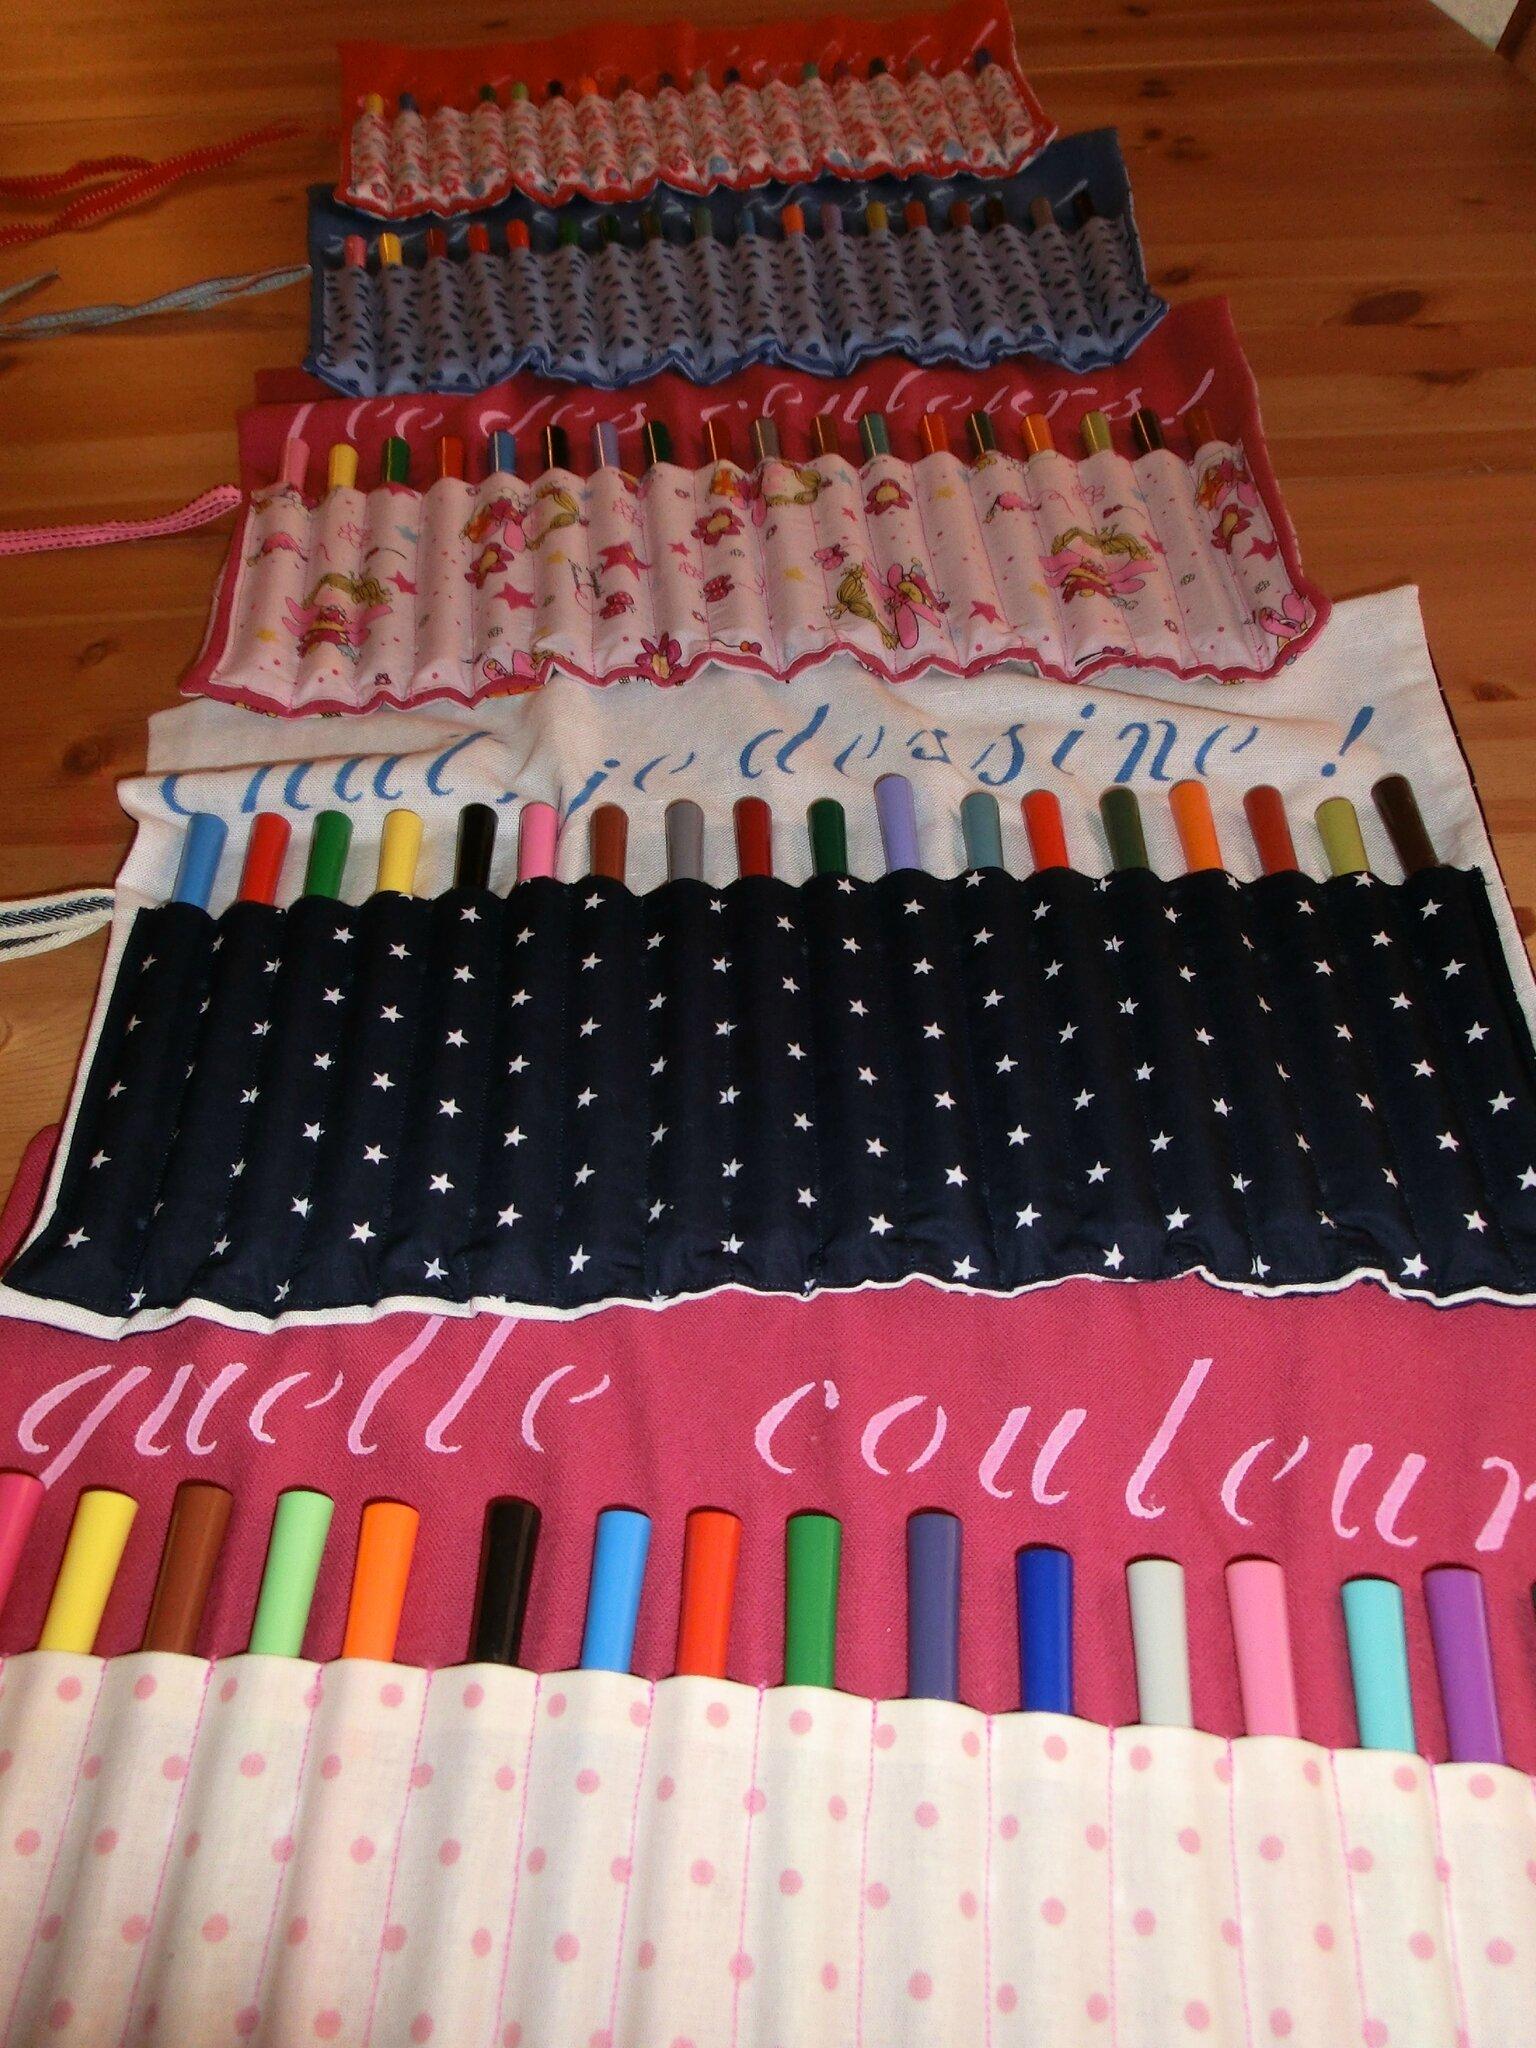 de la couleur plein de couleurs sewing gum sweet memories. Black Bedroom Furniture Sets. Home Design Ideas